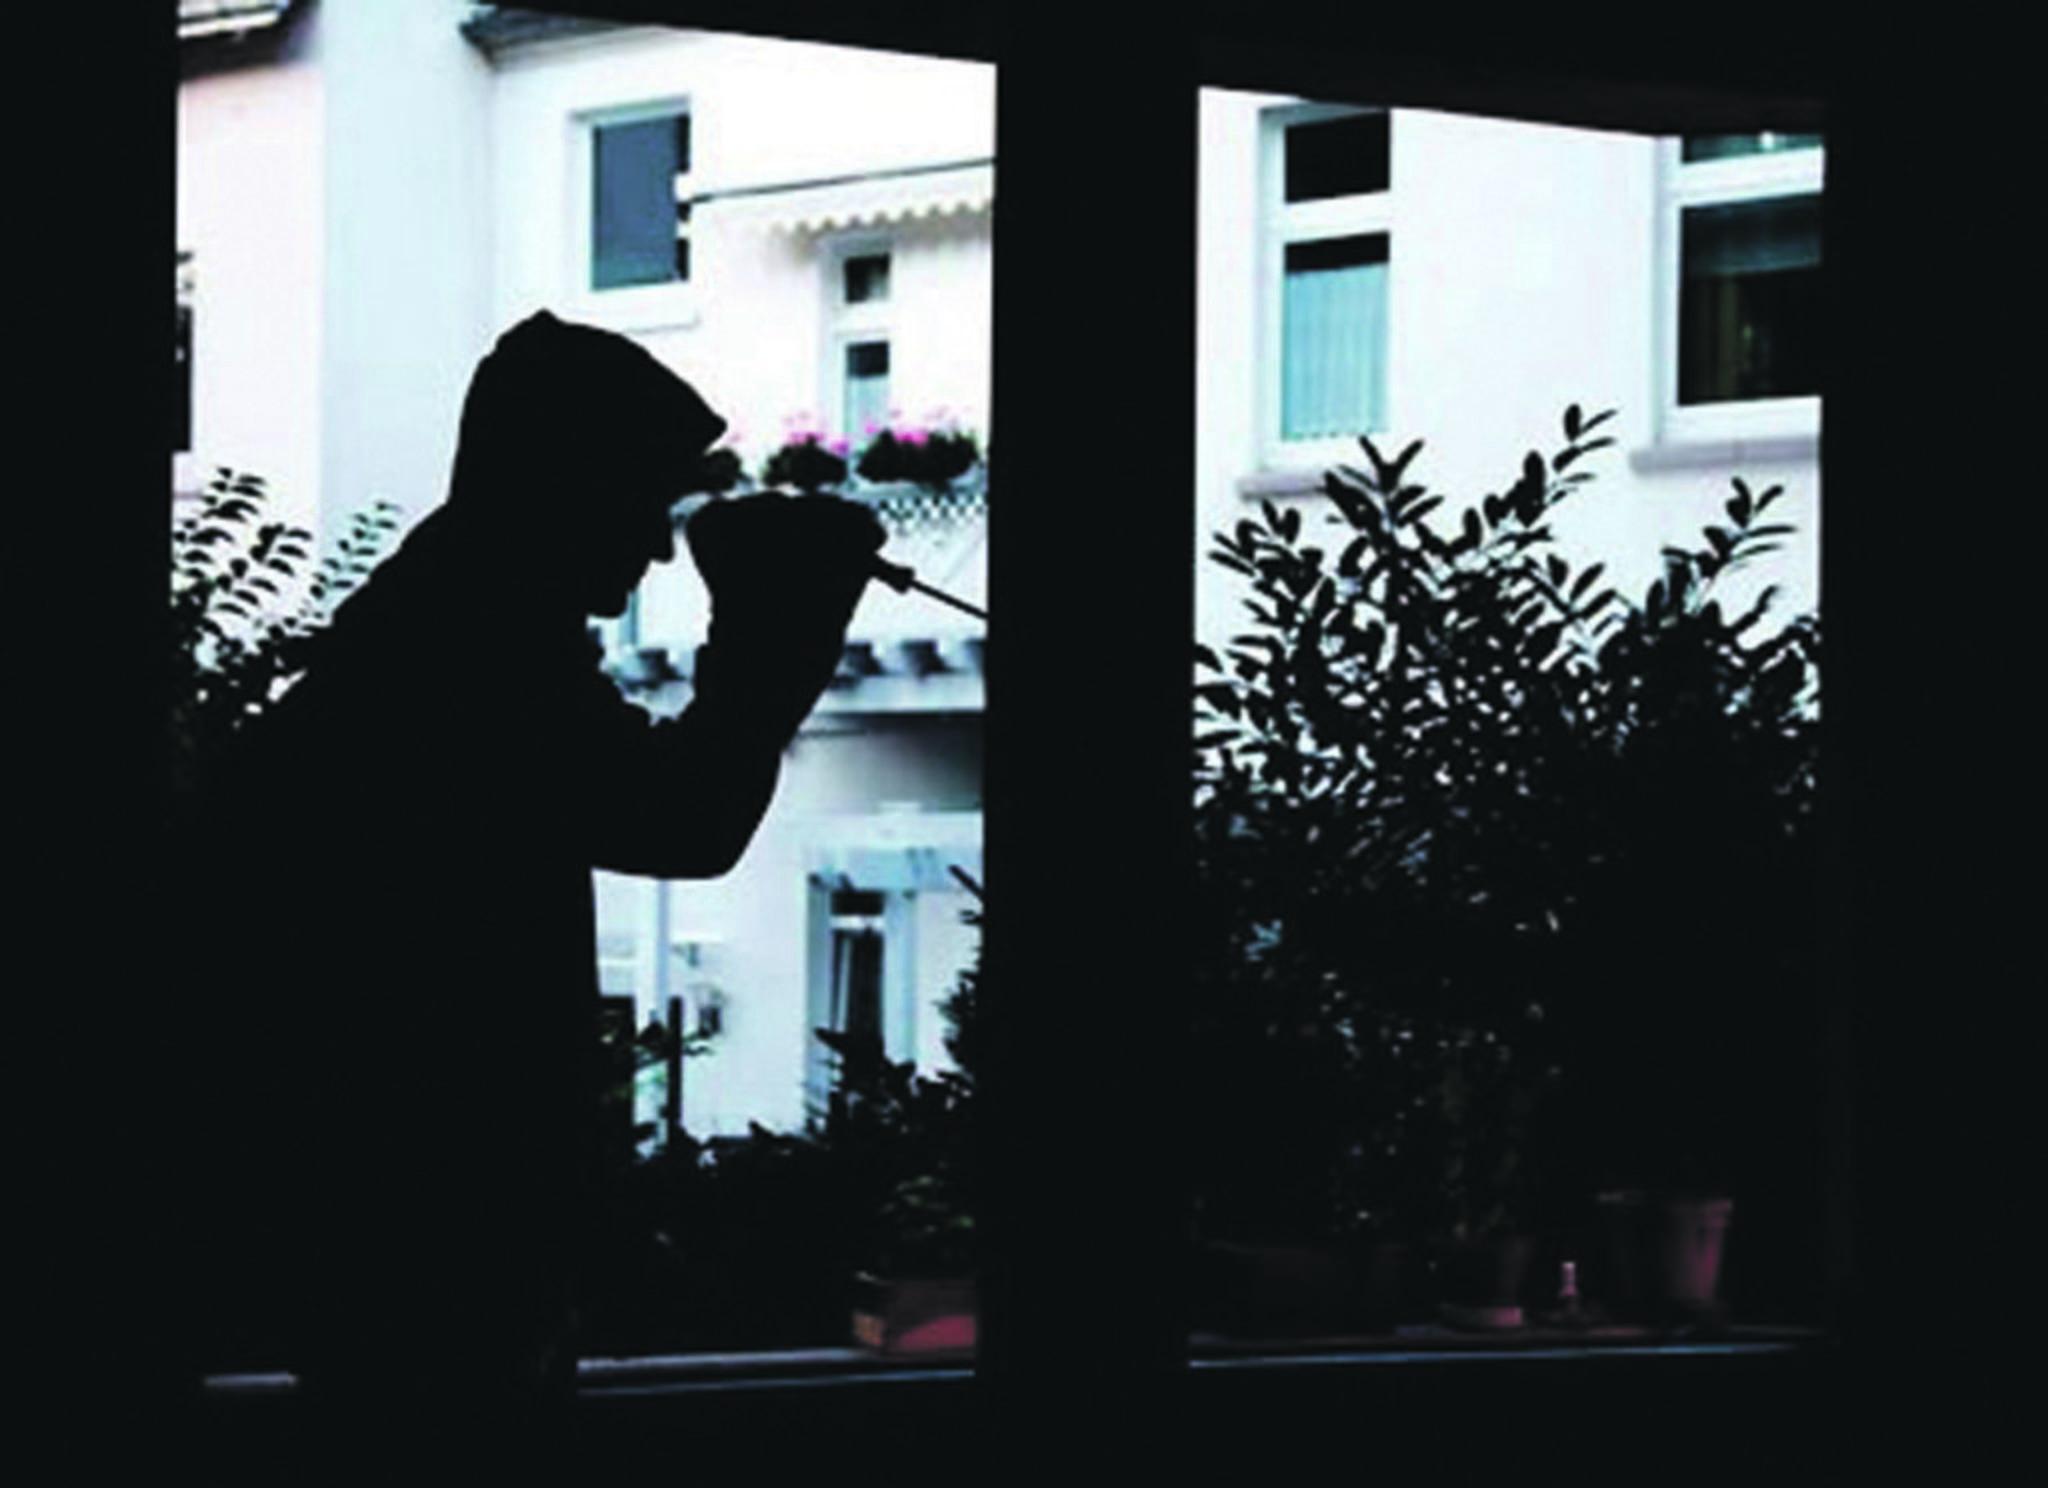 Einbrecher trieben in Gladbeck wieder ihr Unwesen: Unbekannte Täter erbeuteten eine Armbanduhr - Gladbeck - Lokalkompass.de